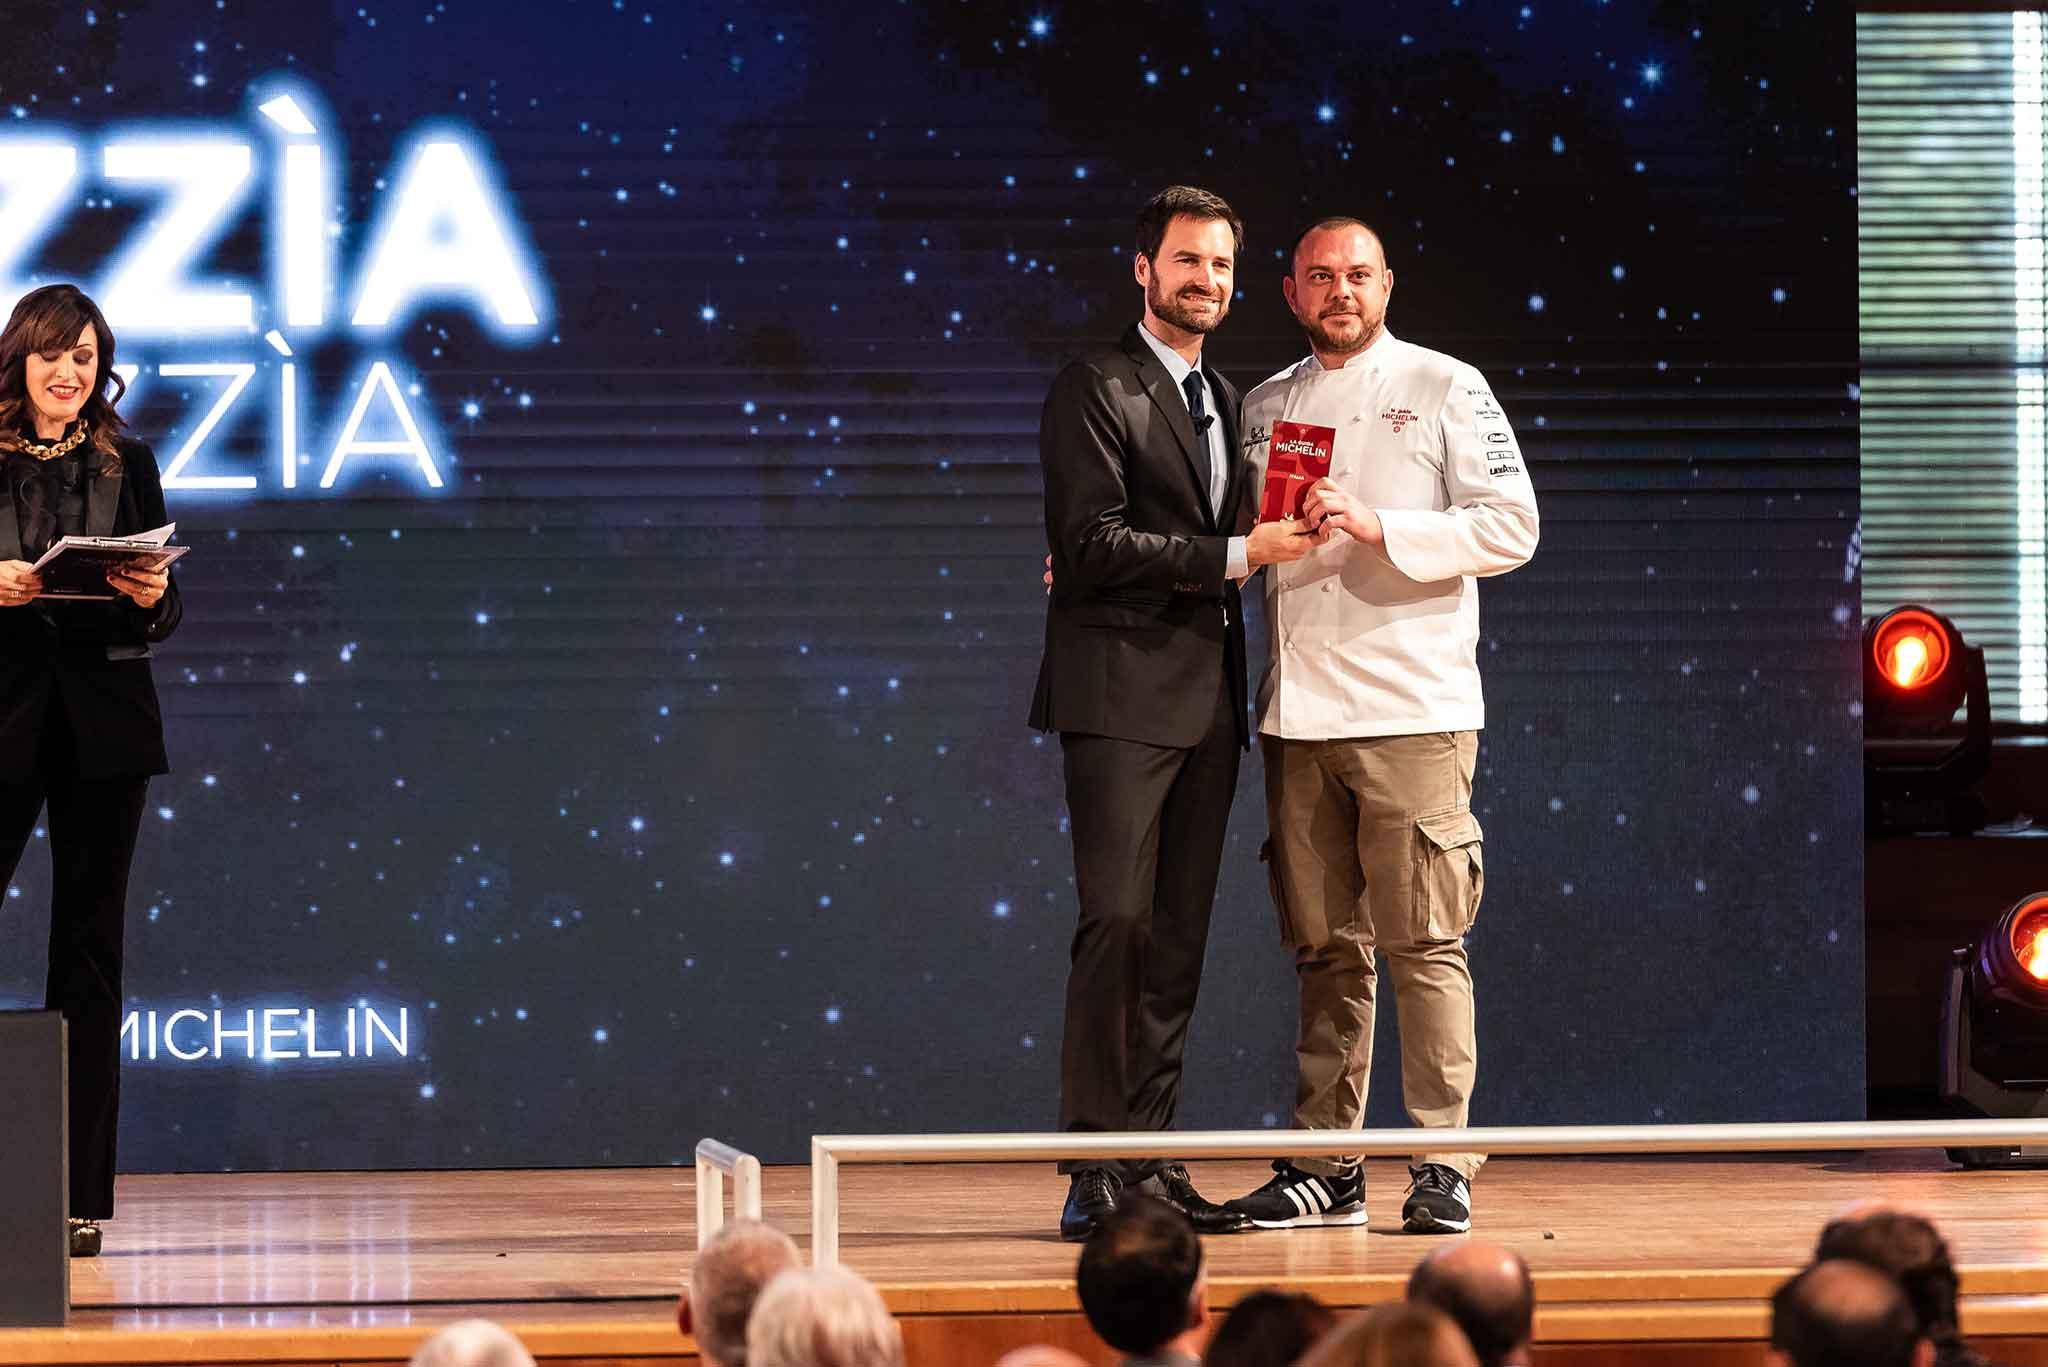 La Credenza Ristorante Stella Michelin : Guida michelin tutti i numeri e le stelle regione per